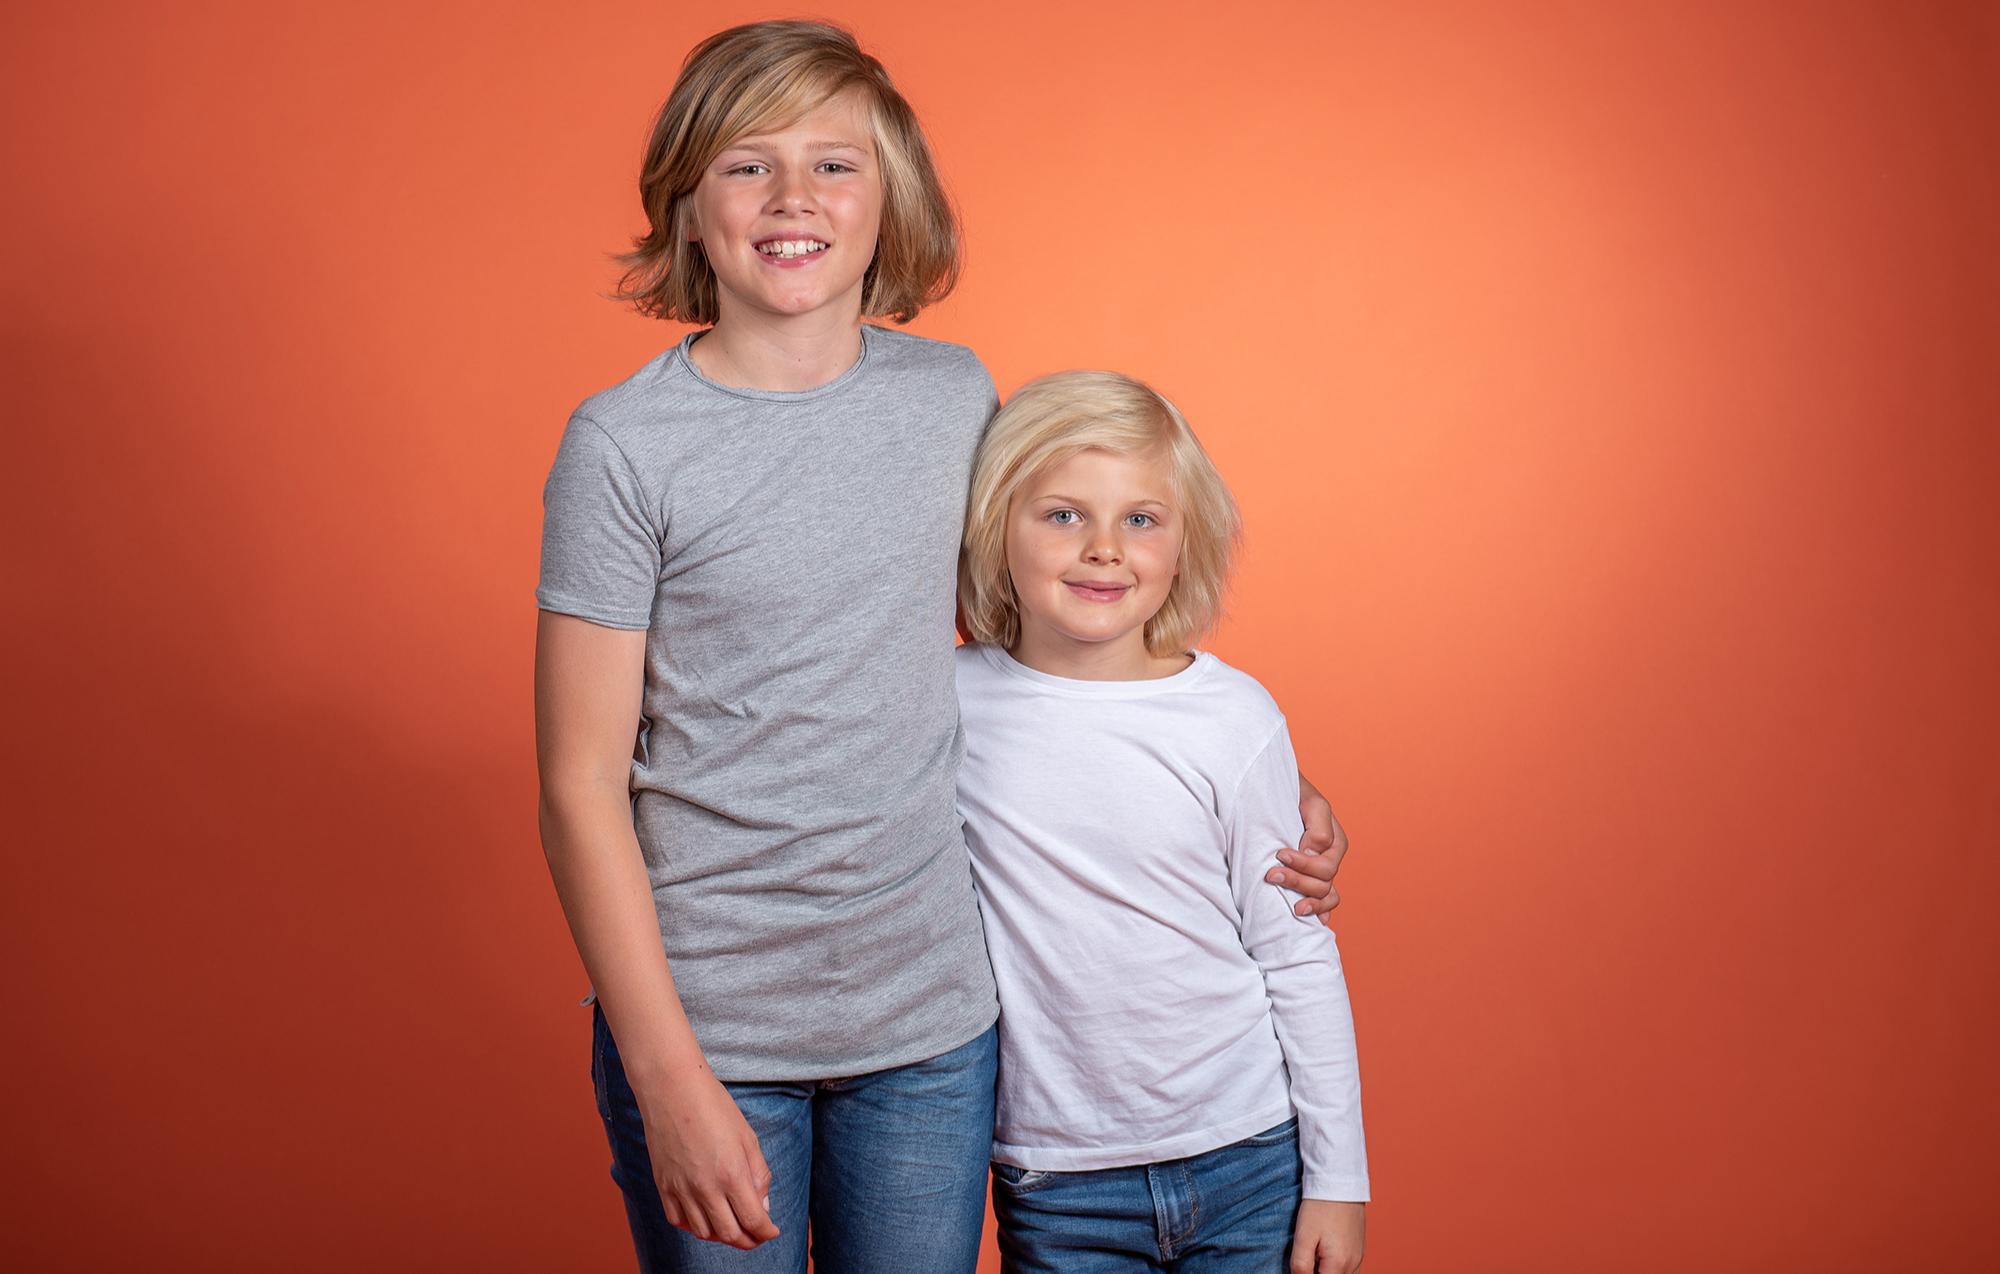 familien-fotoshooting-luebeck-bg41612868395